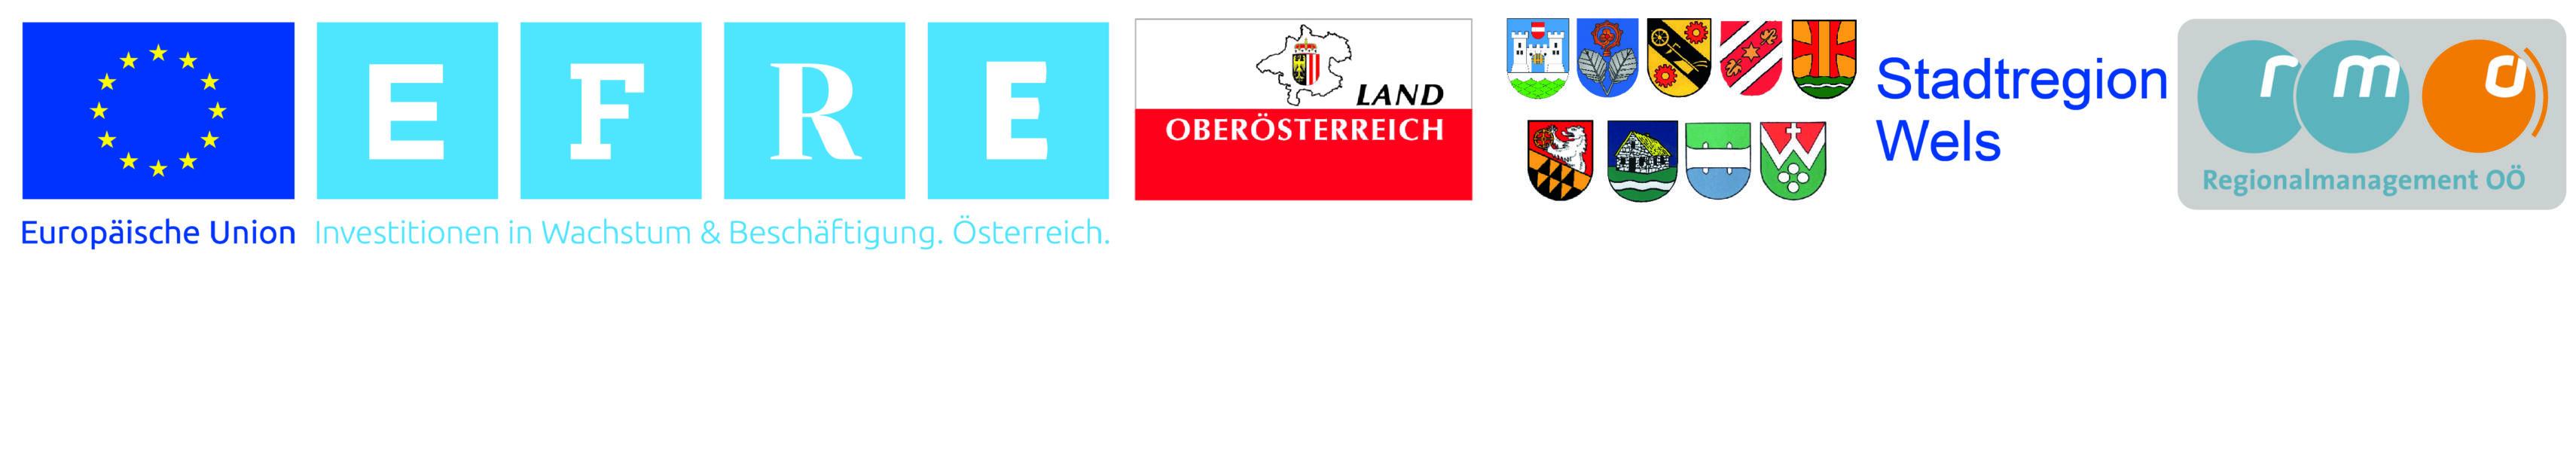 Logoleiste Europäische Union - EFRE - Stadtregion Wels - Land Oberösterreich